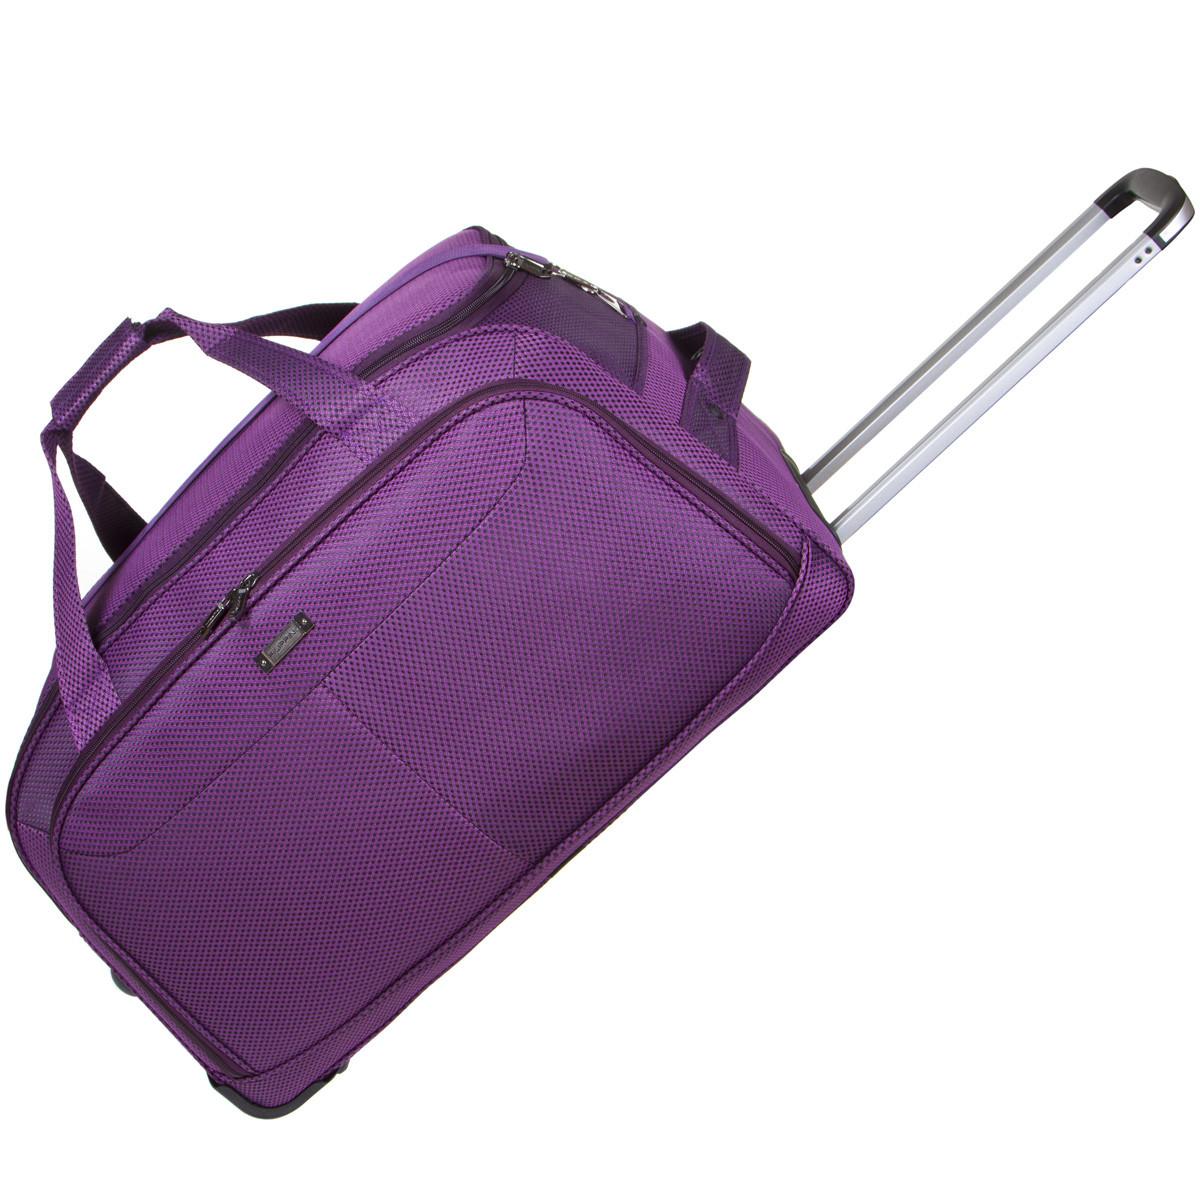 Дорожная сумка FILIPPINI большая  67х38х43 три колеса, выдвижная ручка фиолетовый цвет ксТ0045фб